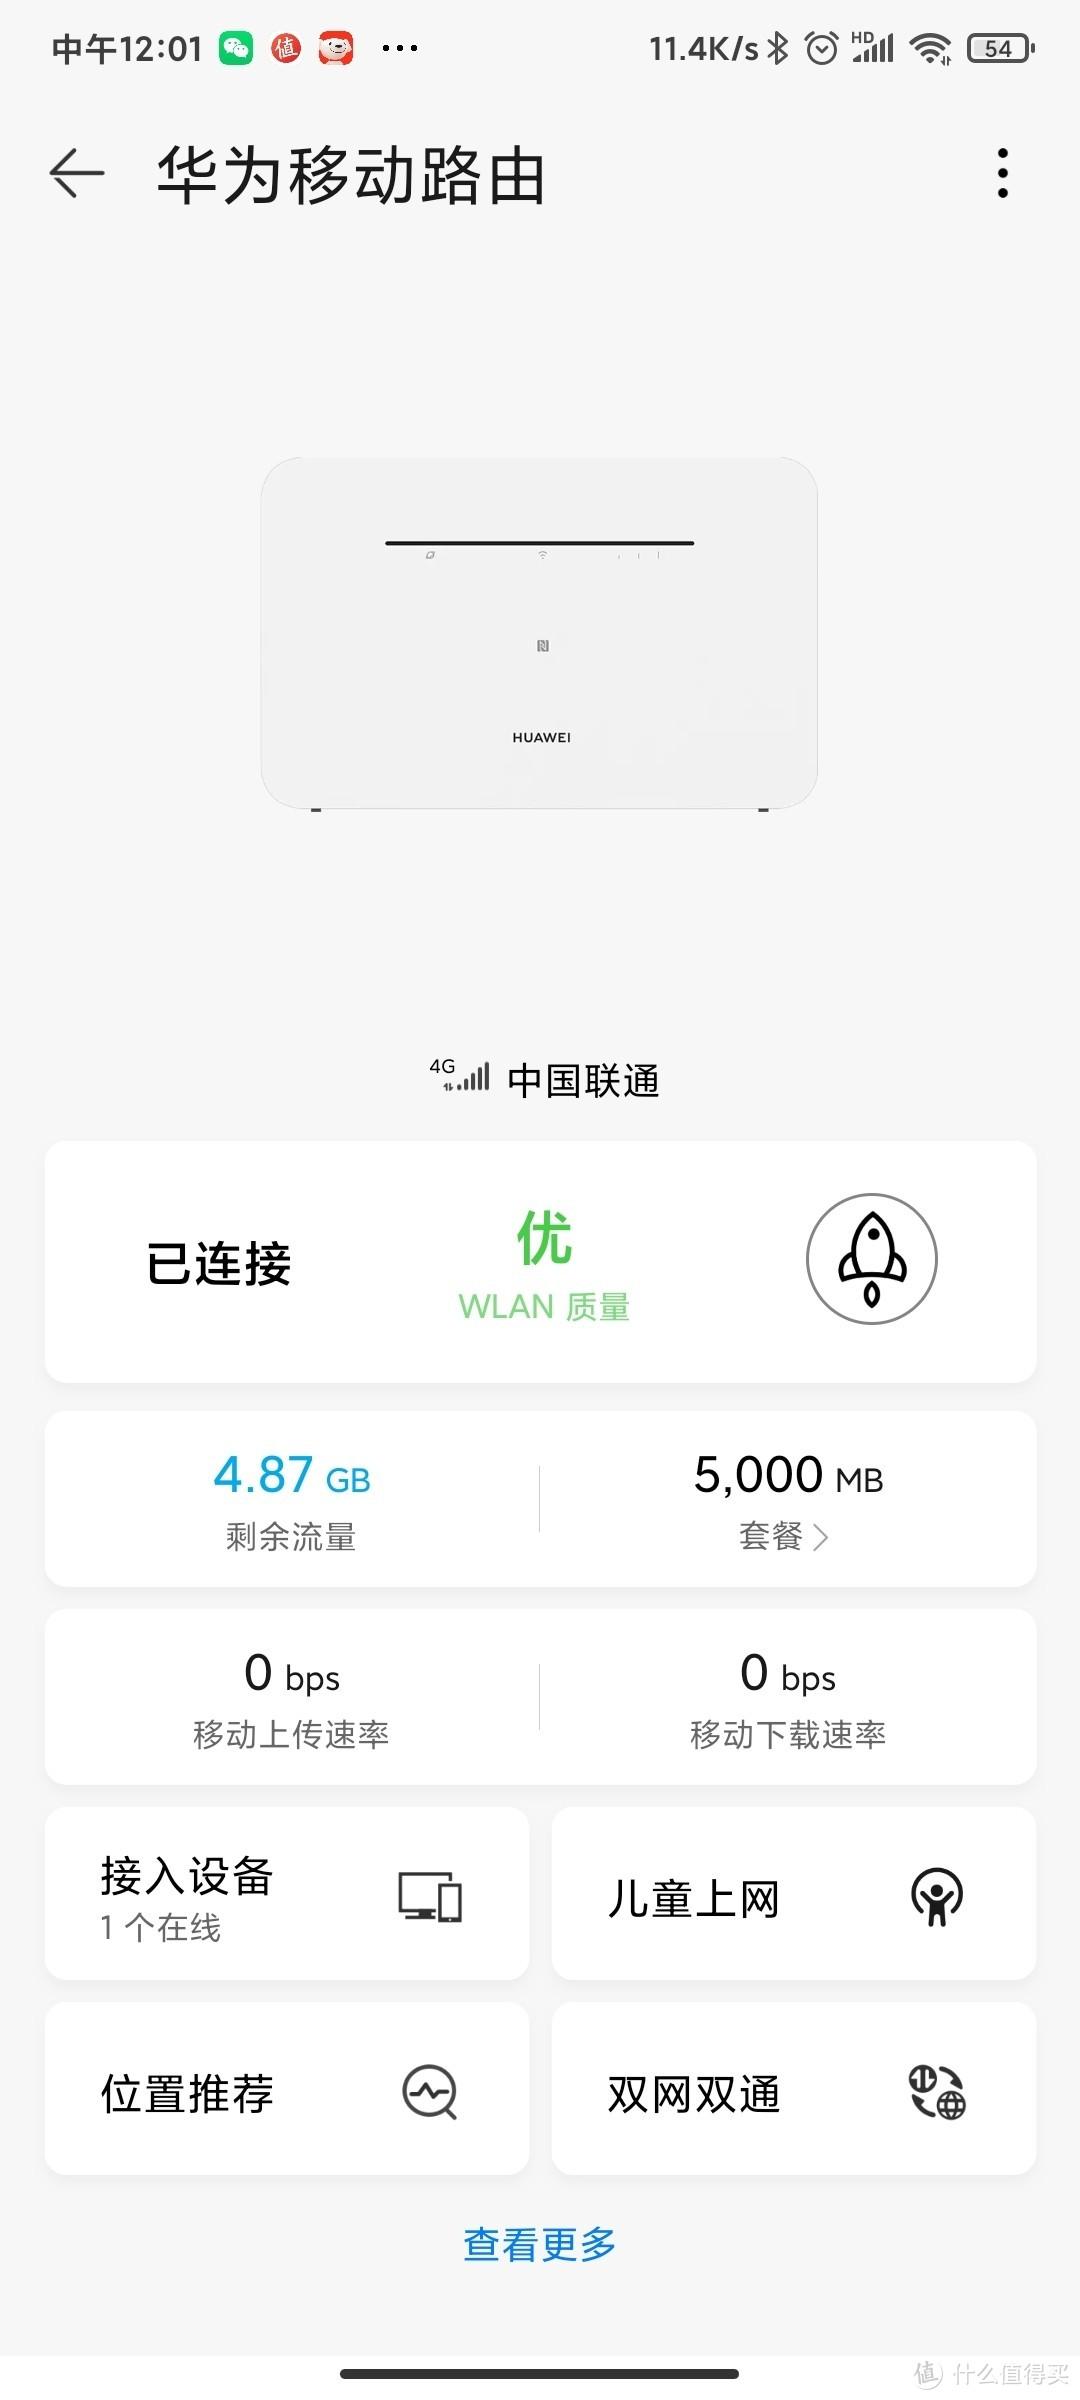 华为智慧生活app,路由器管理界面,卡片激活之后是赠送5GB流量,时效是7天,因为每月2000GB的套餐需要7天后才能使用。所以第一周流量紧张一点。